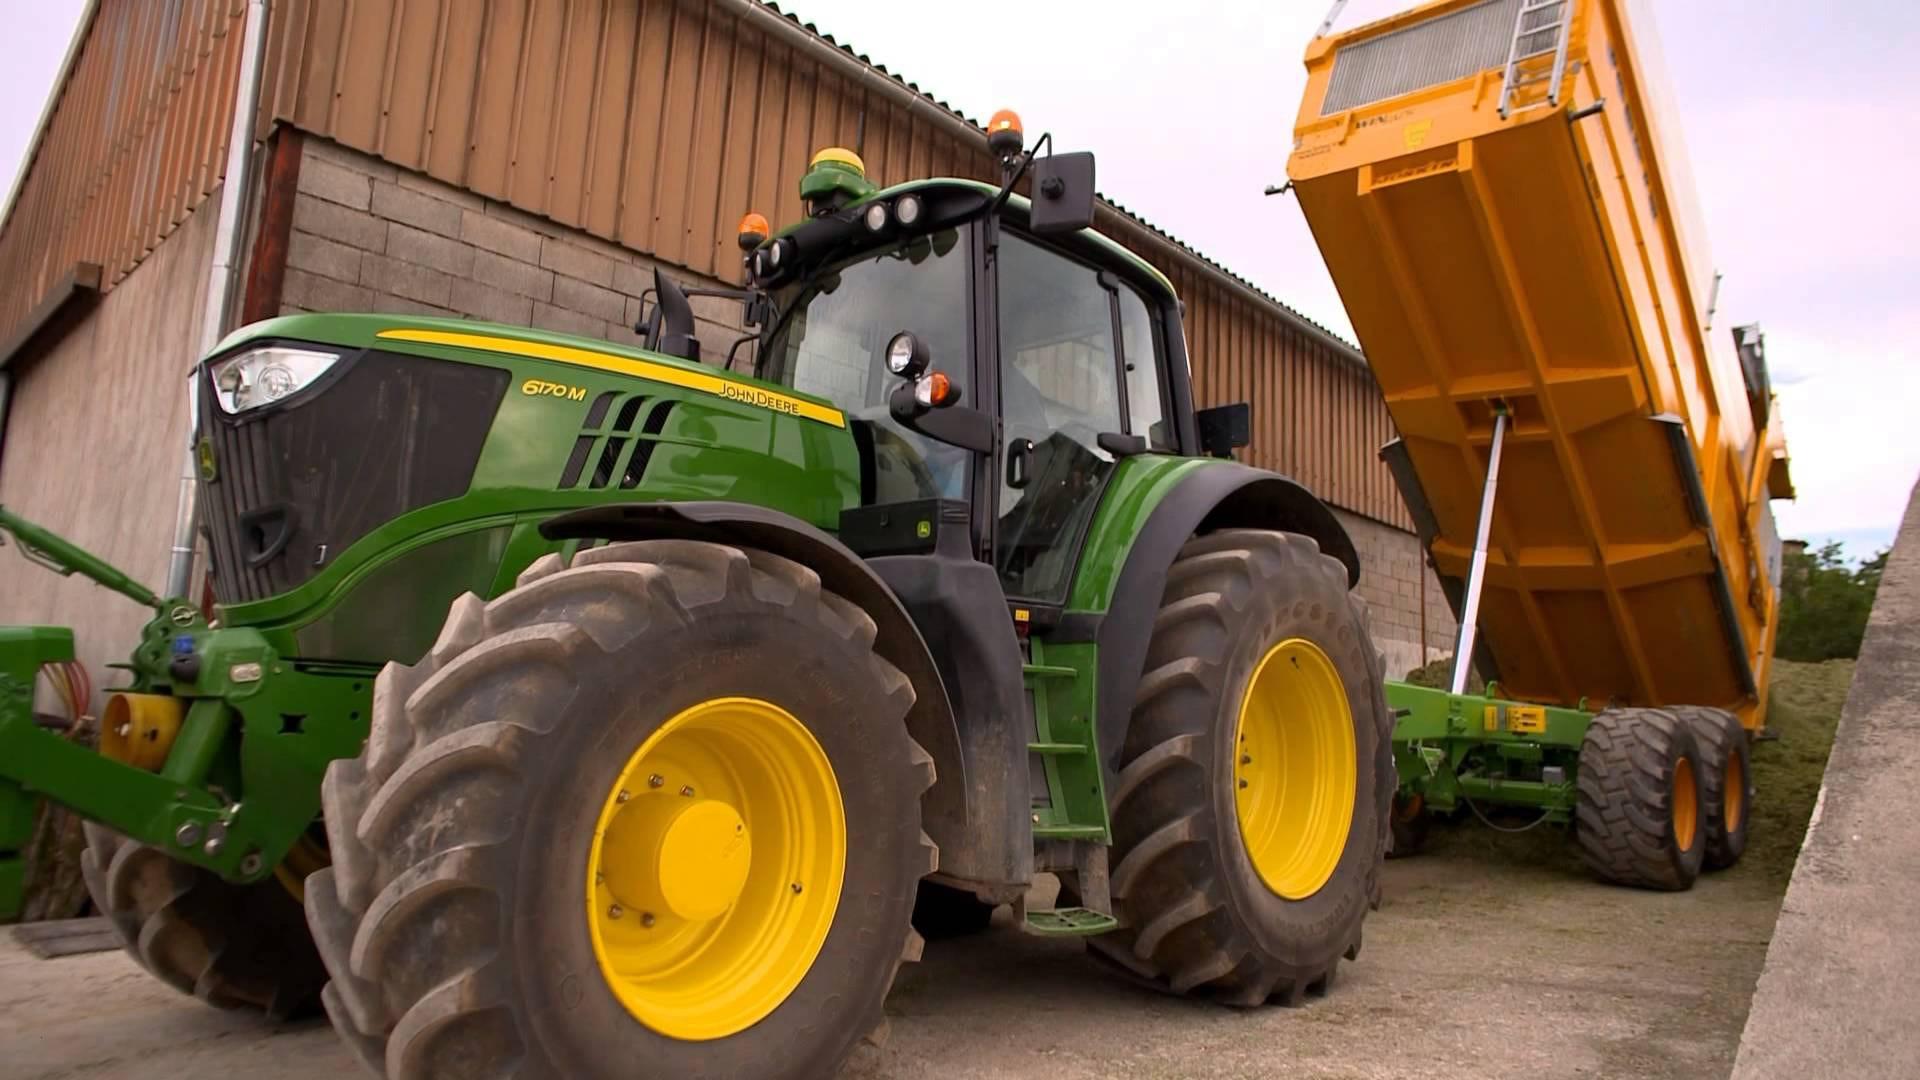 John Deere Ausmalbilder Das Beste Von Traktor John Deere 6m Luxus Ausmalbilder Traktor Deutz Einzigartig Das Bild